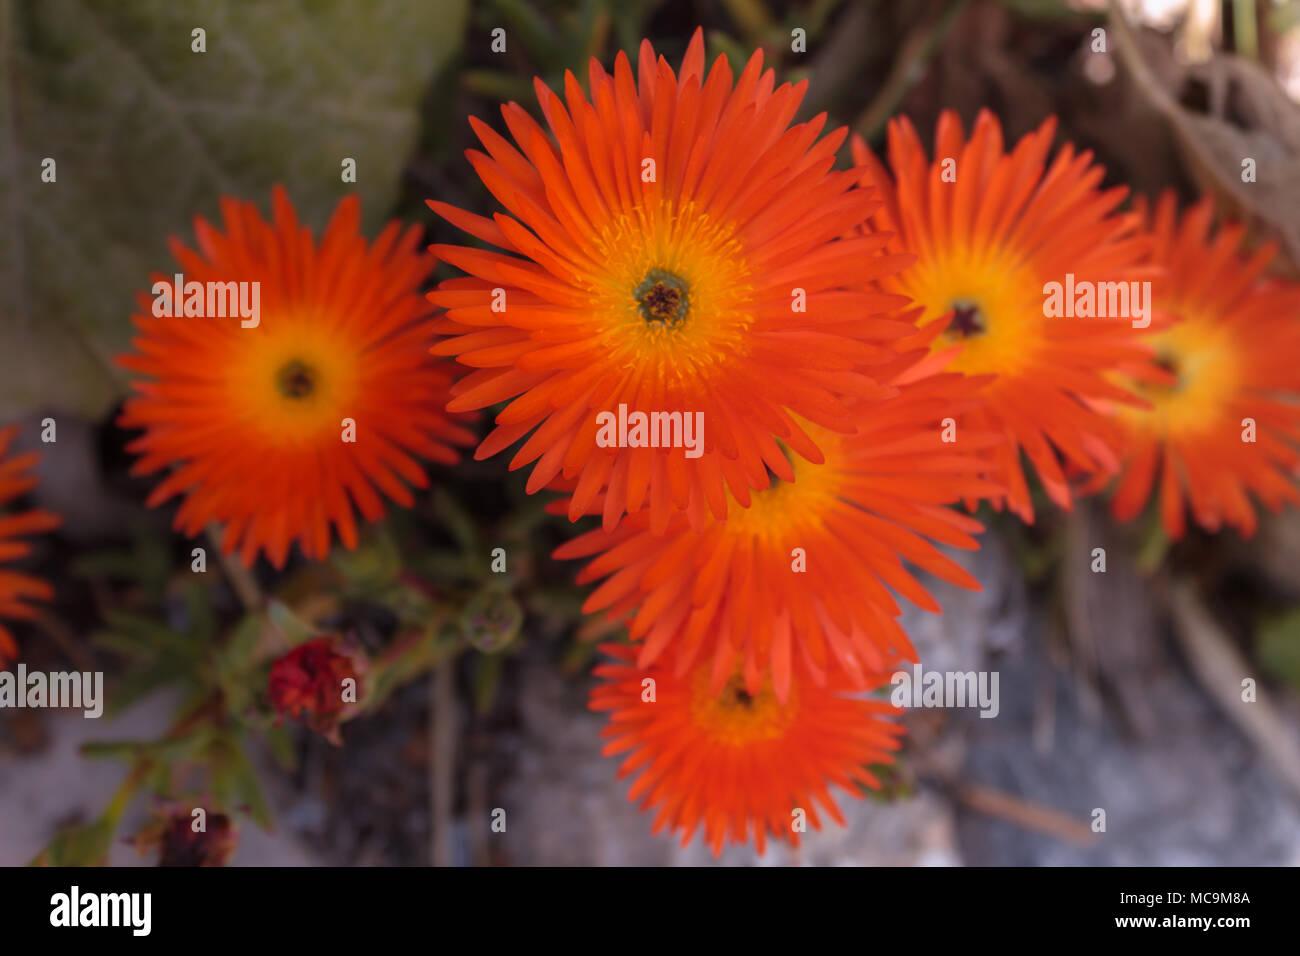 lampranthus aurantiacus, Orange Flowered Ice Plant  also called orange pig face, Succulent, April 2018, Almeria Andalucia Spain - Stock Image